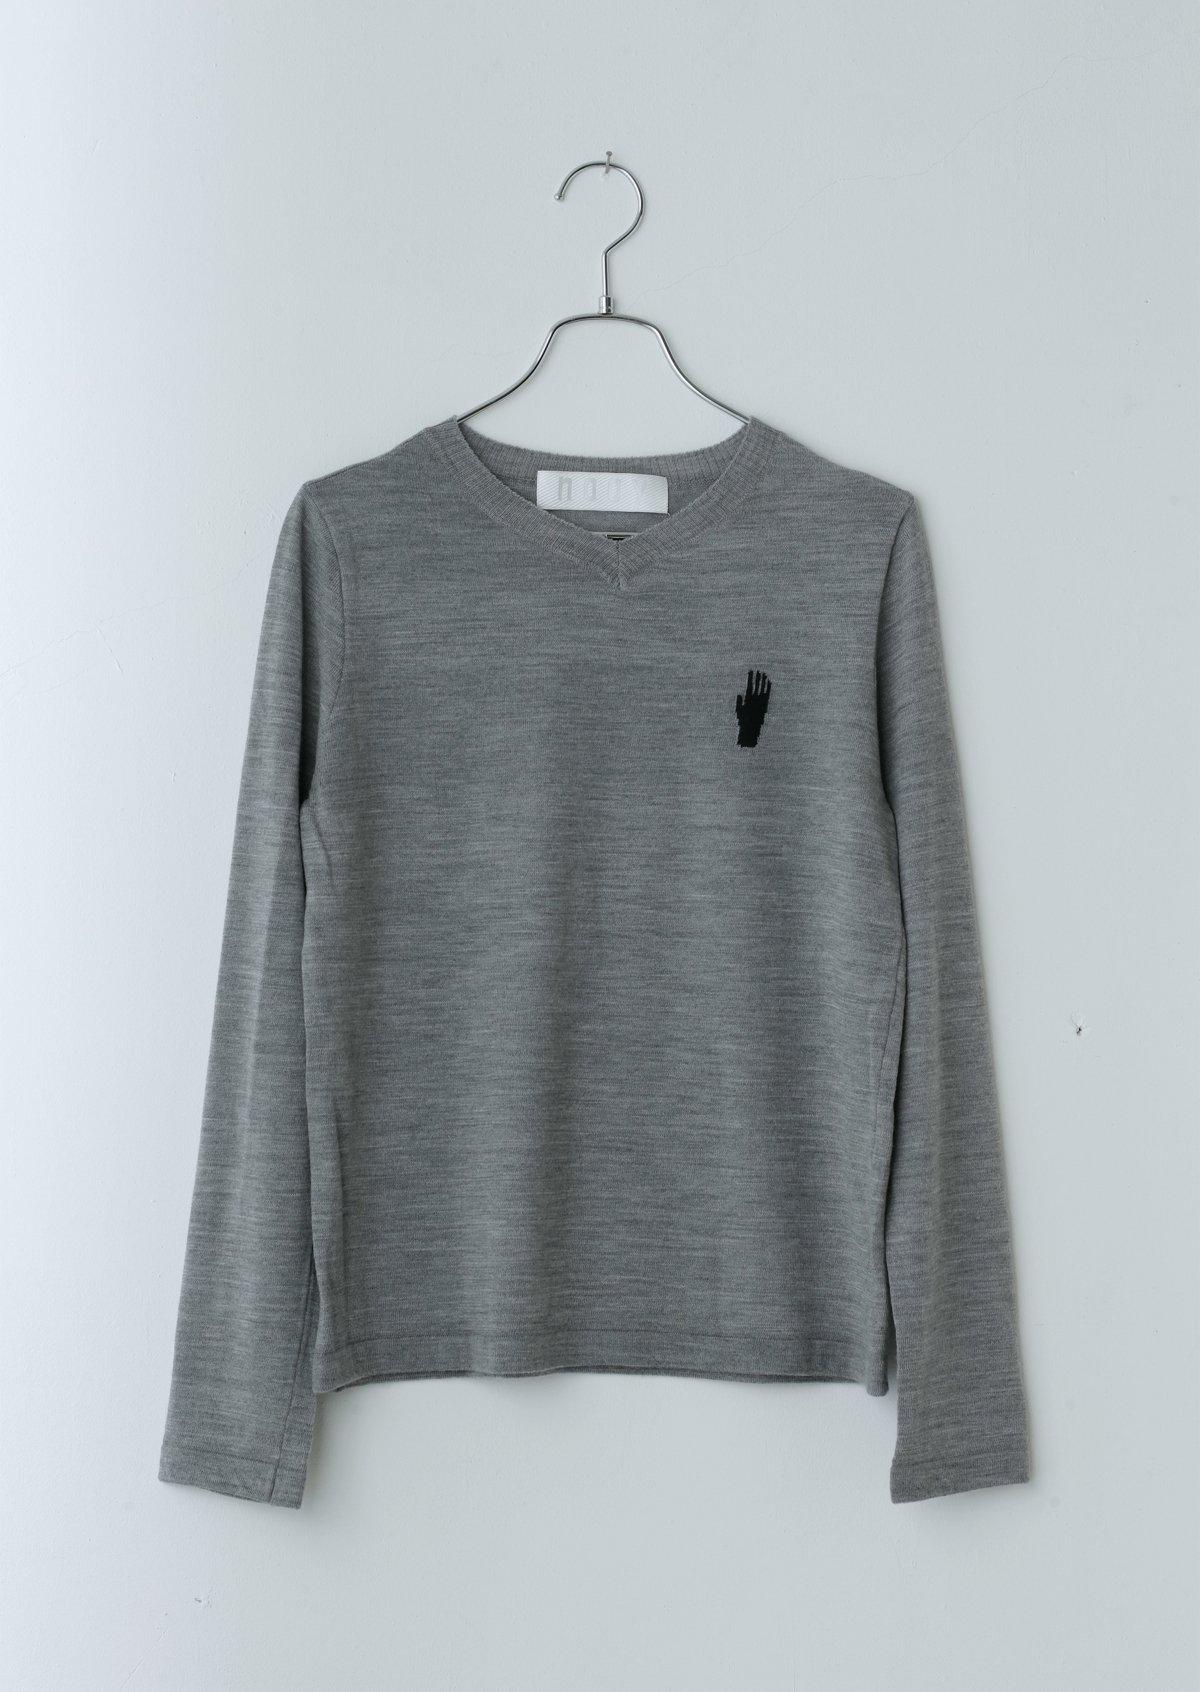 ハンドセーター